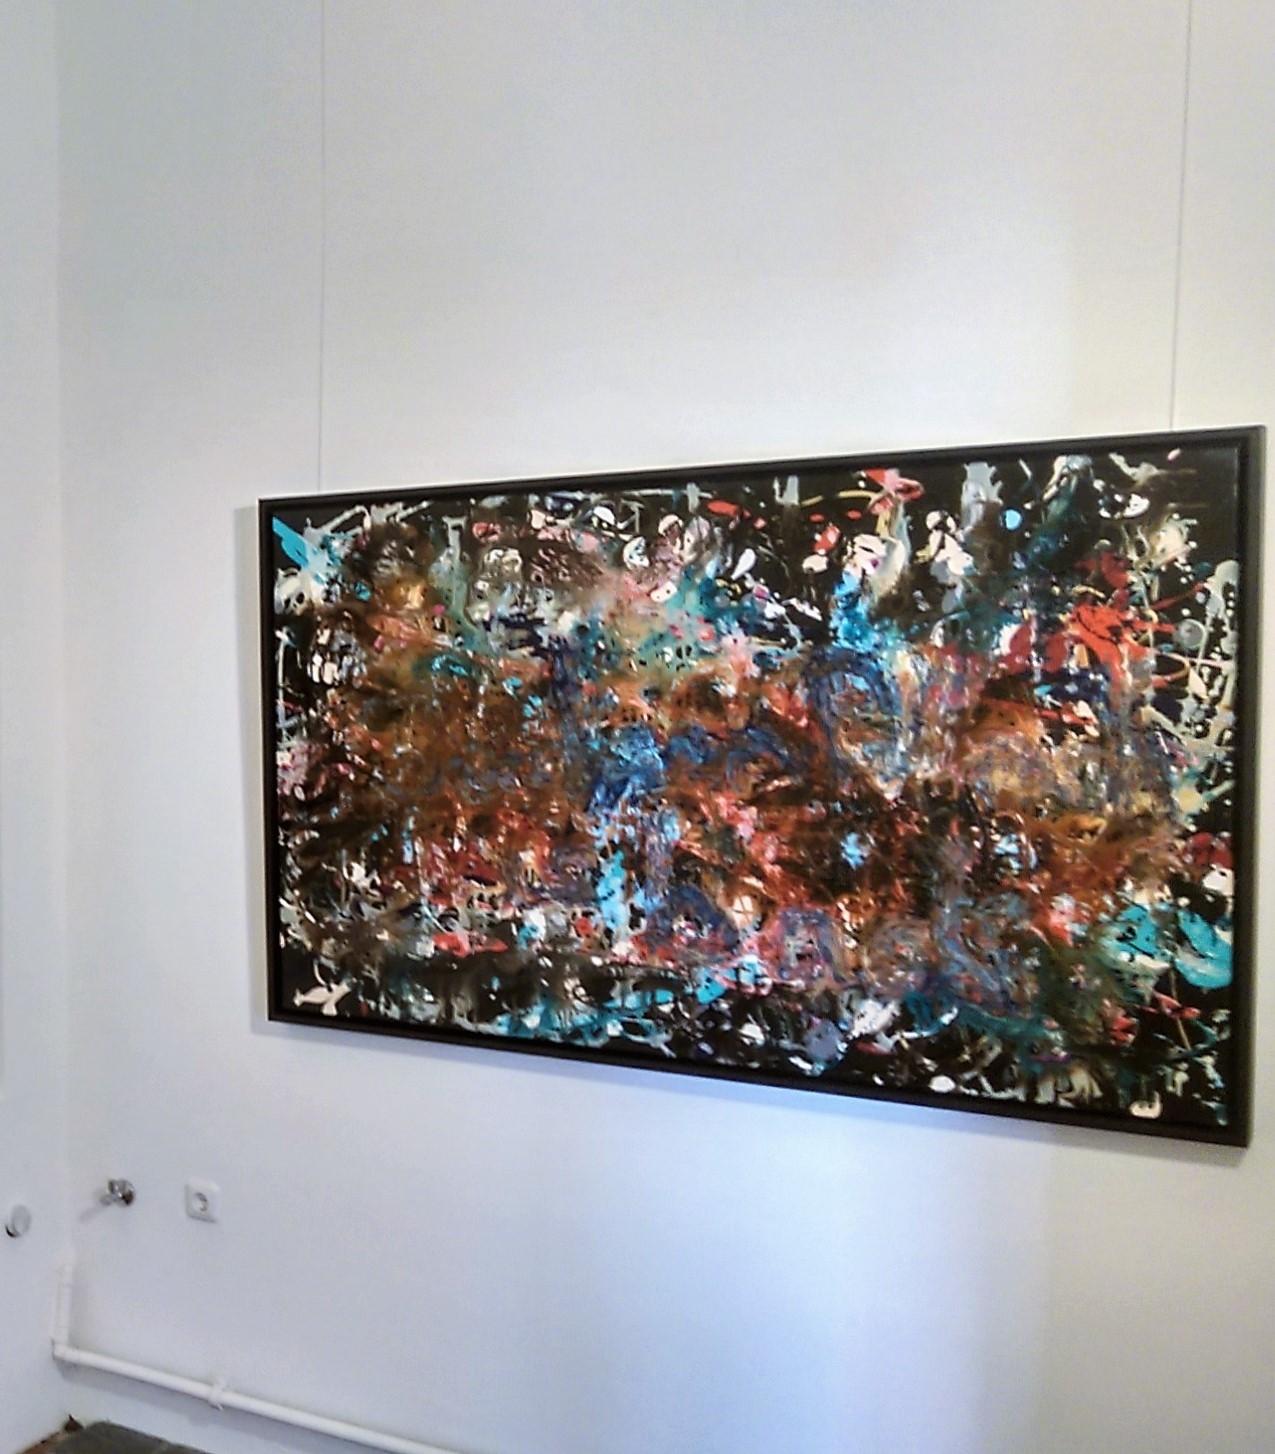 HANS ARTS in der Ausstellung TRANSFORMIERENDE KUNST in der Ruhr Gallery Mülheim